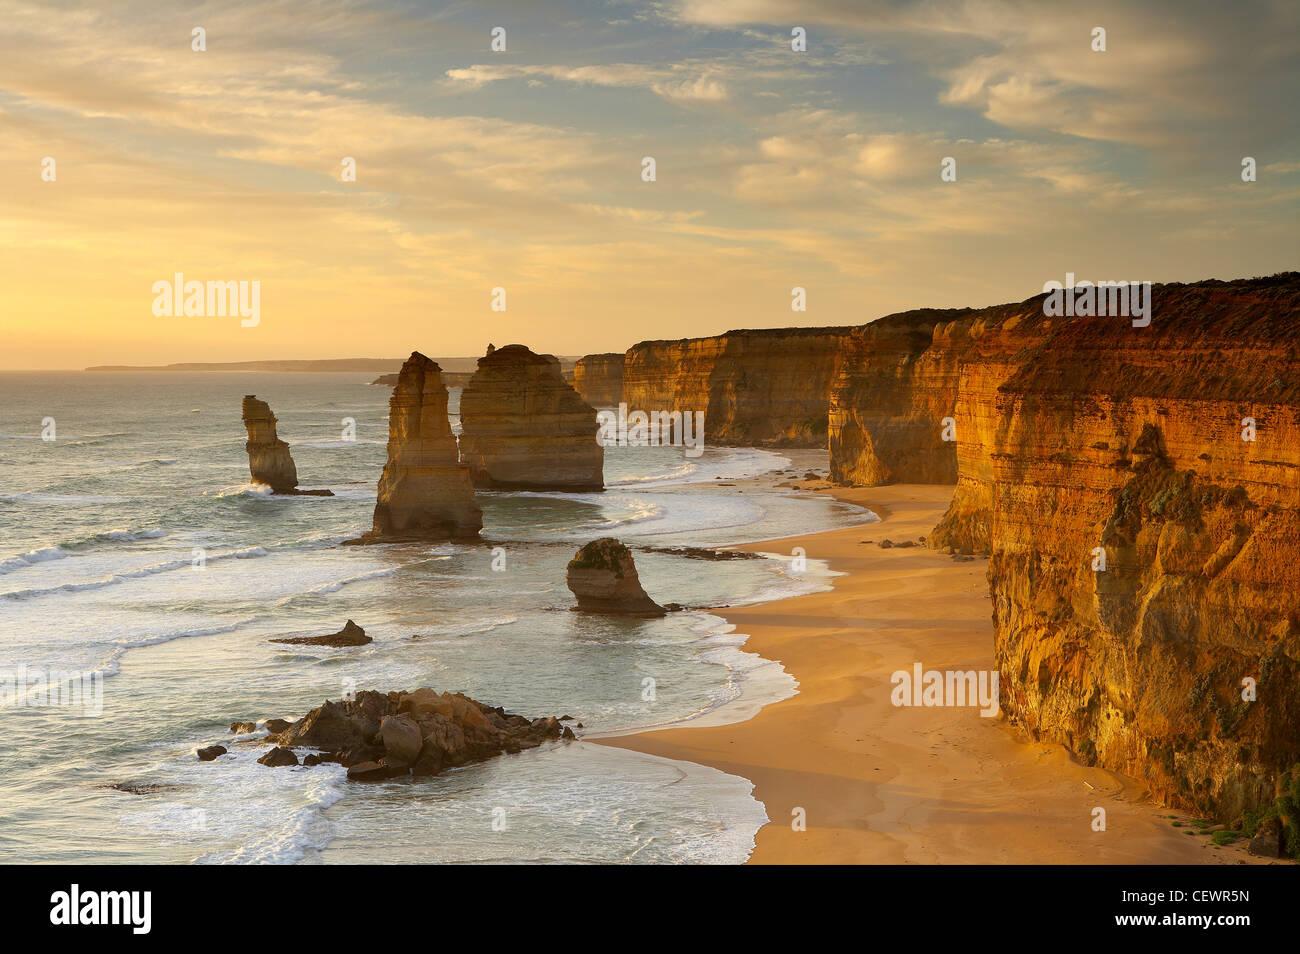 die erodierten Küste von der zwölf Apostel, Port Campbell National Park, Great Ocean Road, Victoria, Australien Stockbild